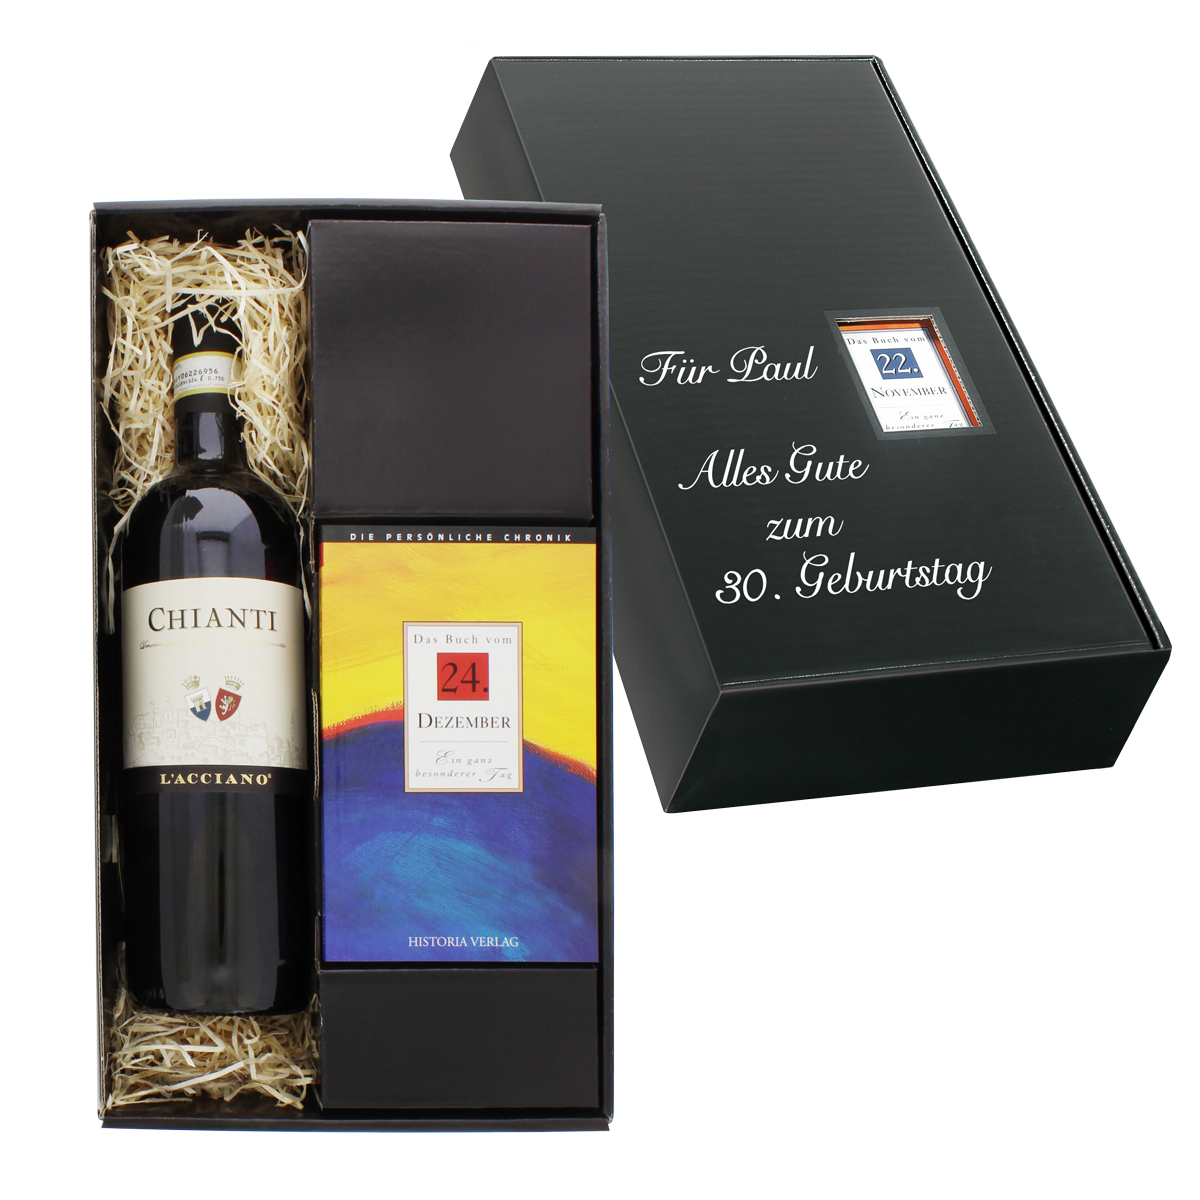 Italien-Set: Tageschronik vom 15. August & Chianti-Wein